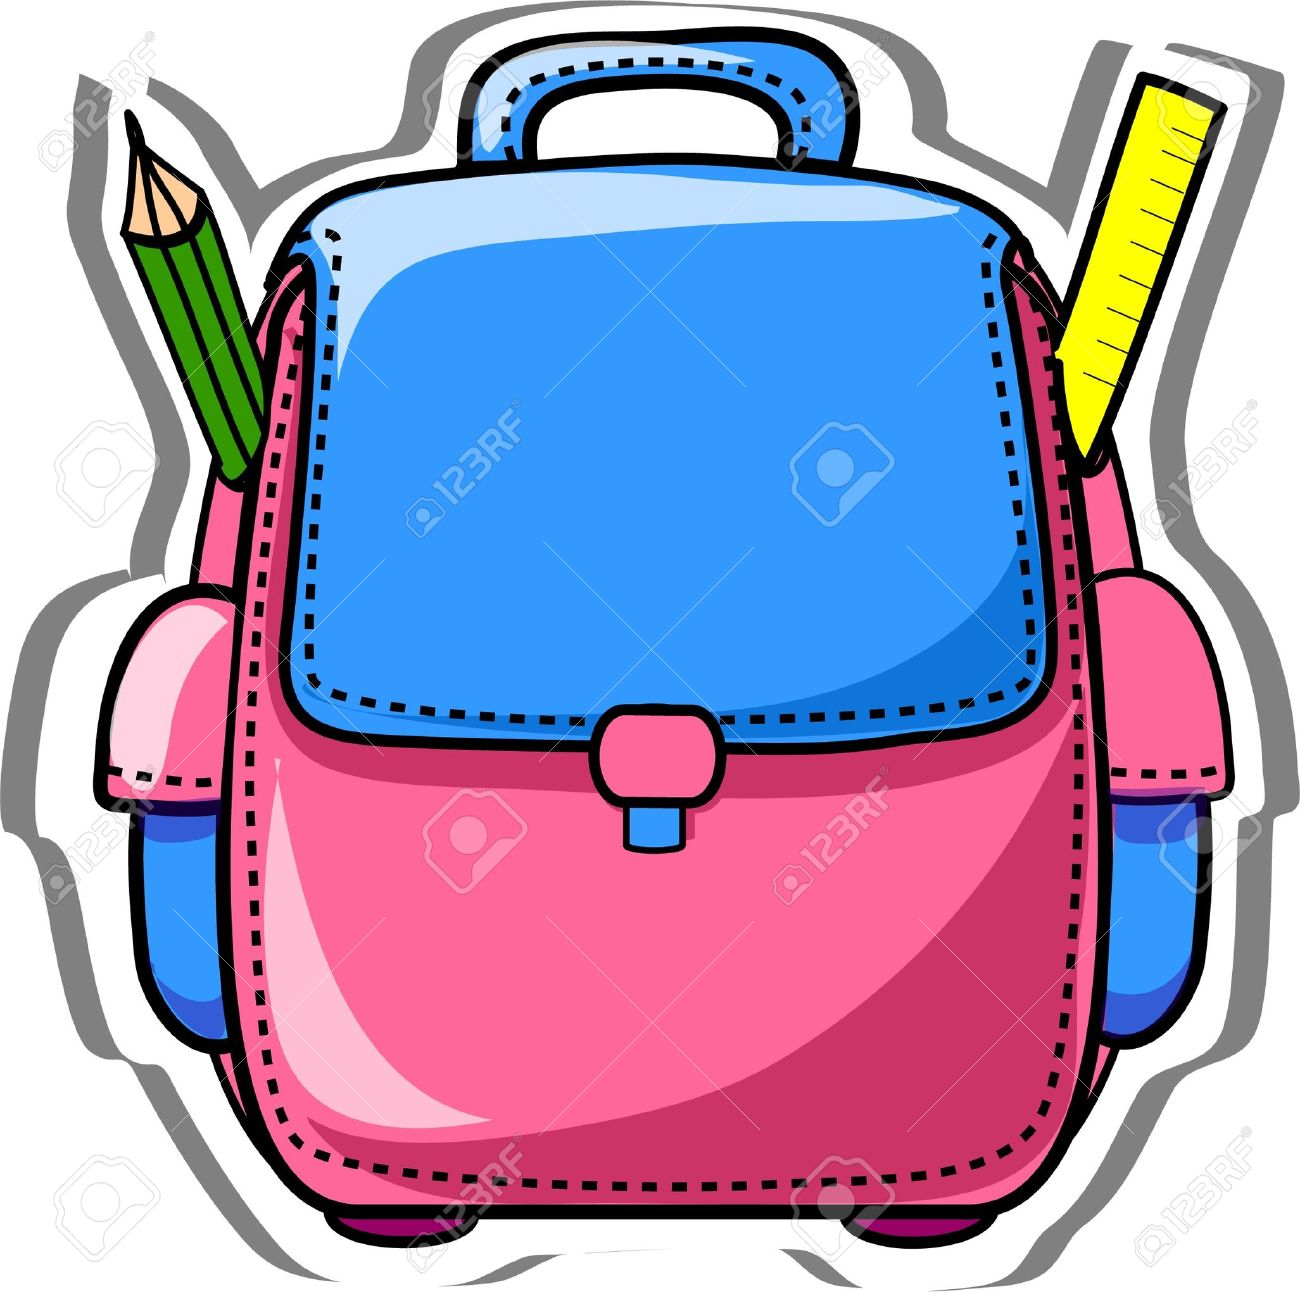 cartoon school bag royalty free cliparts vectors and stock rh 123rf com school backpacks clipart school bag clipart free